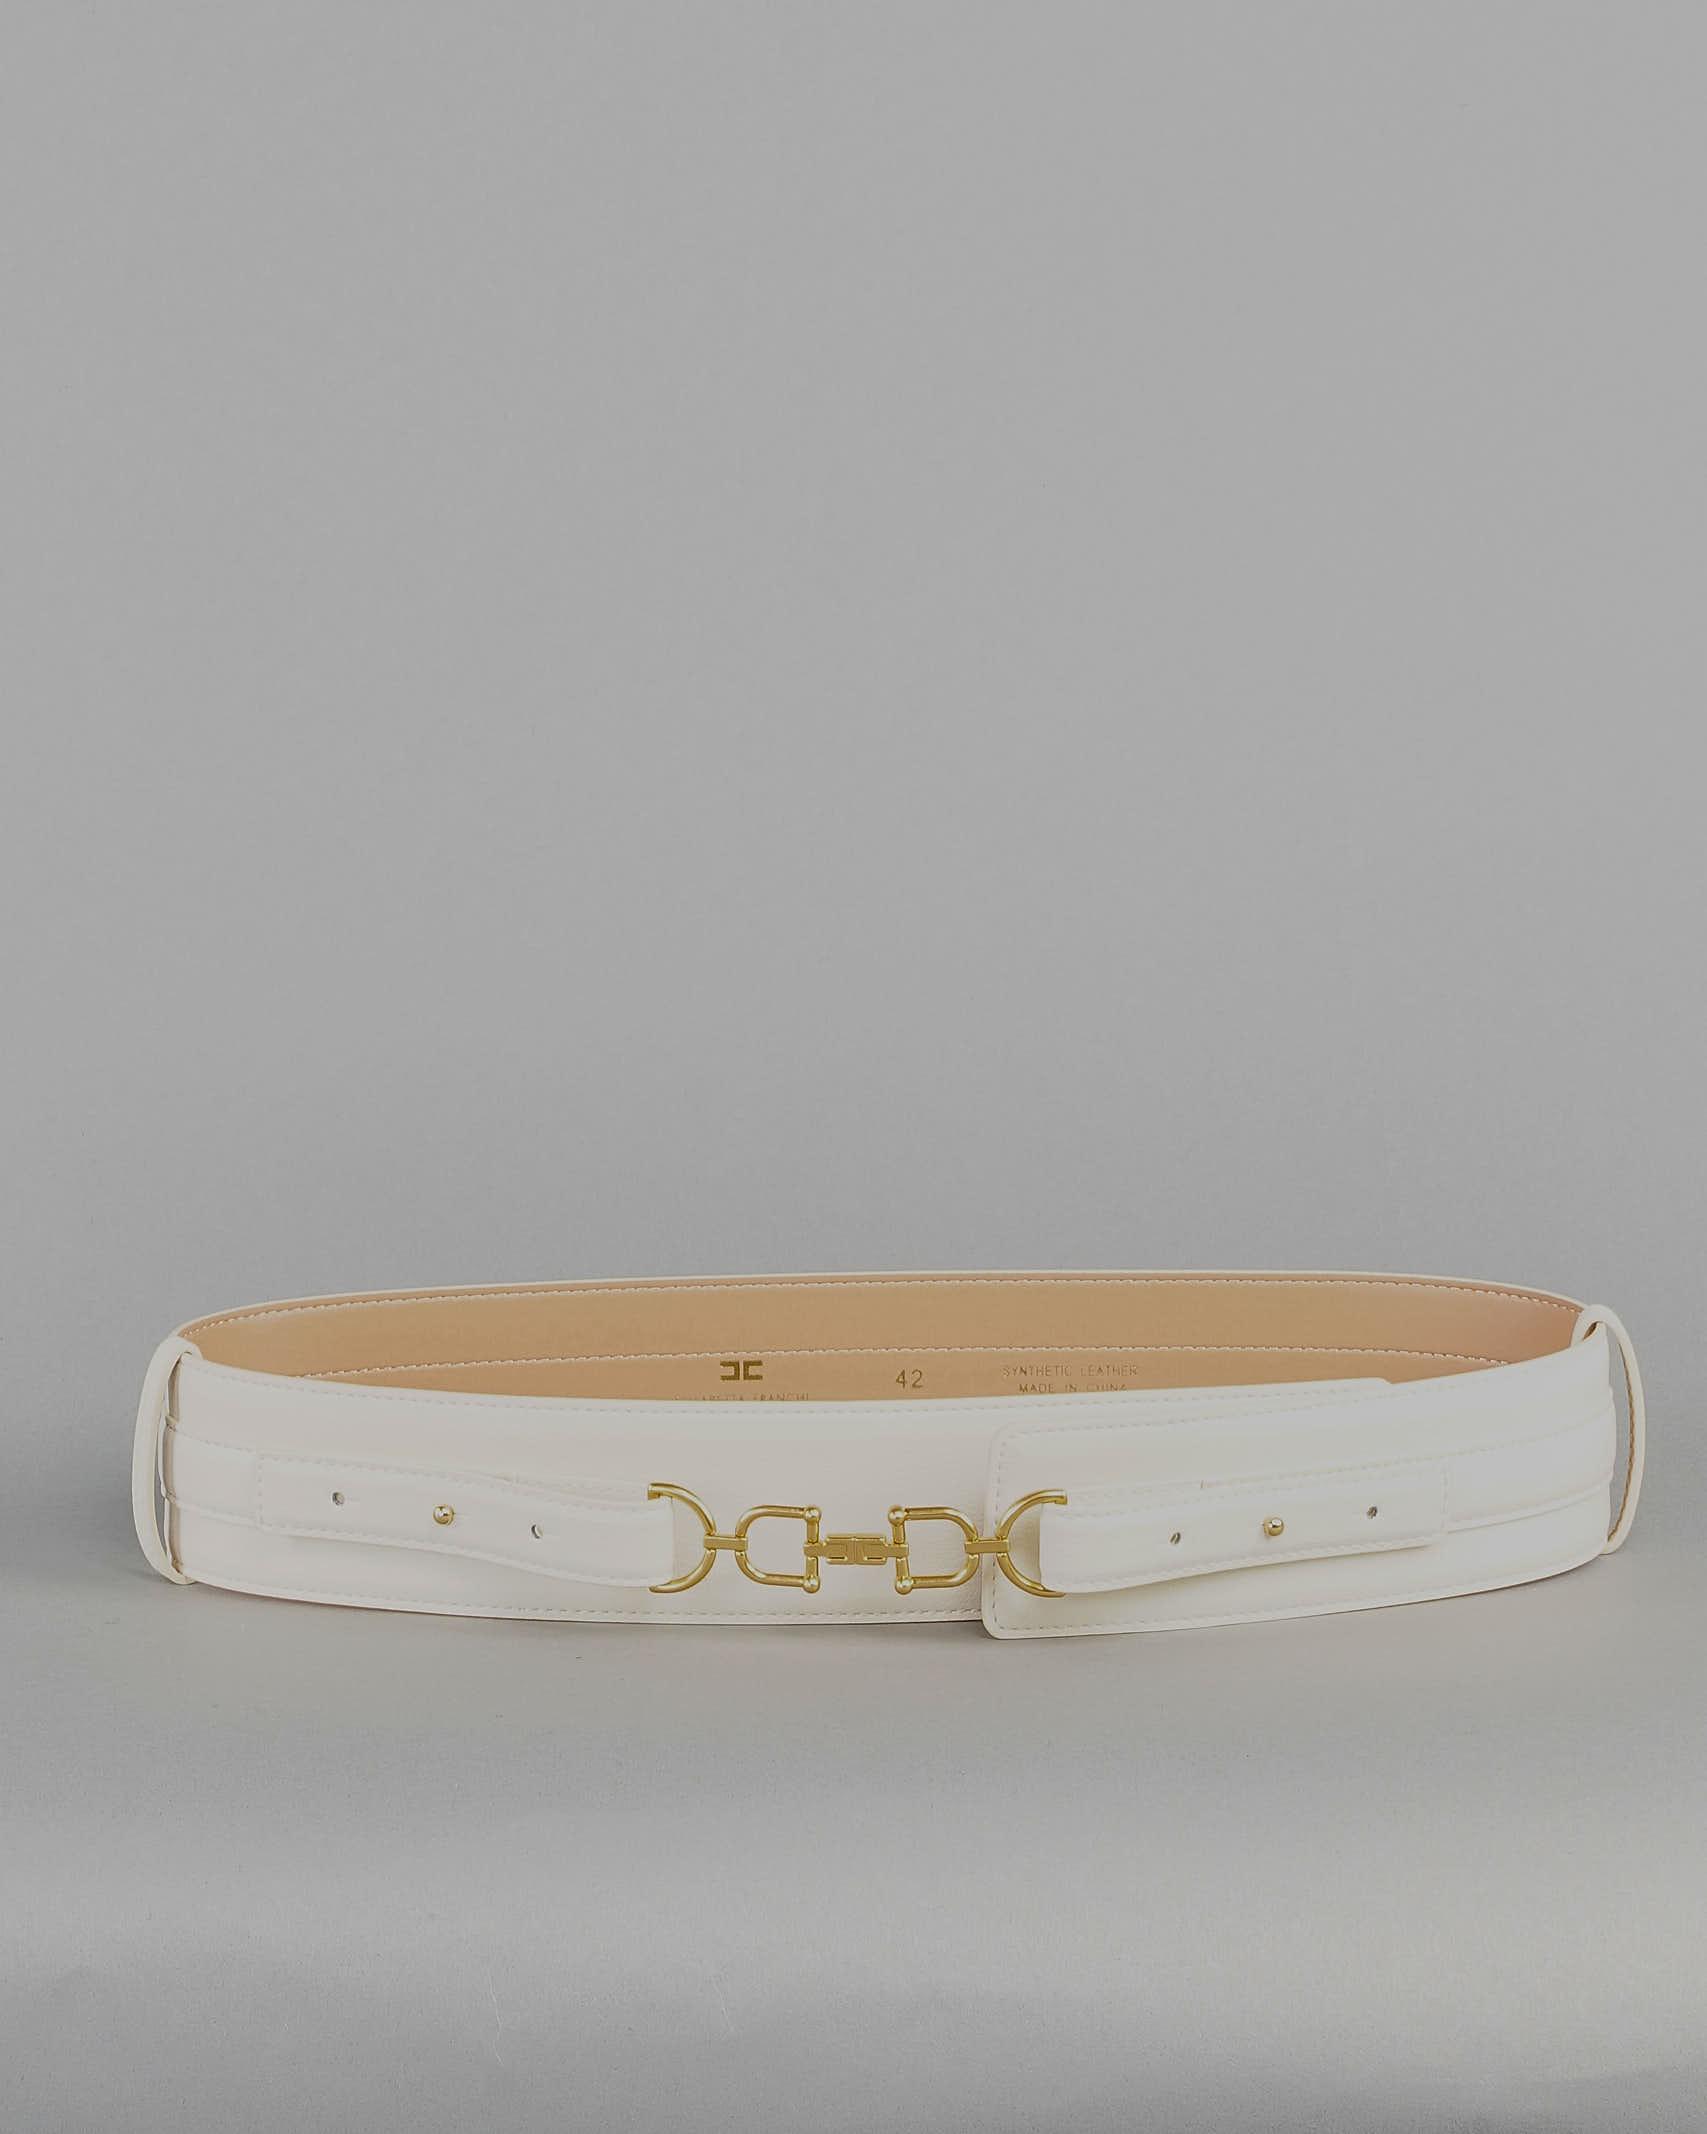 Cintura a vita alta con morsetto light gold Elisabetta Franchi ELISABETTA FRANCHI | Cintura | CT04S11E2193